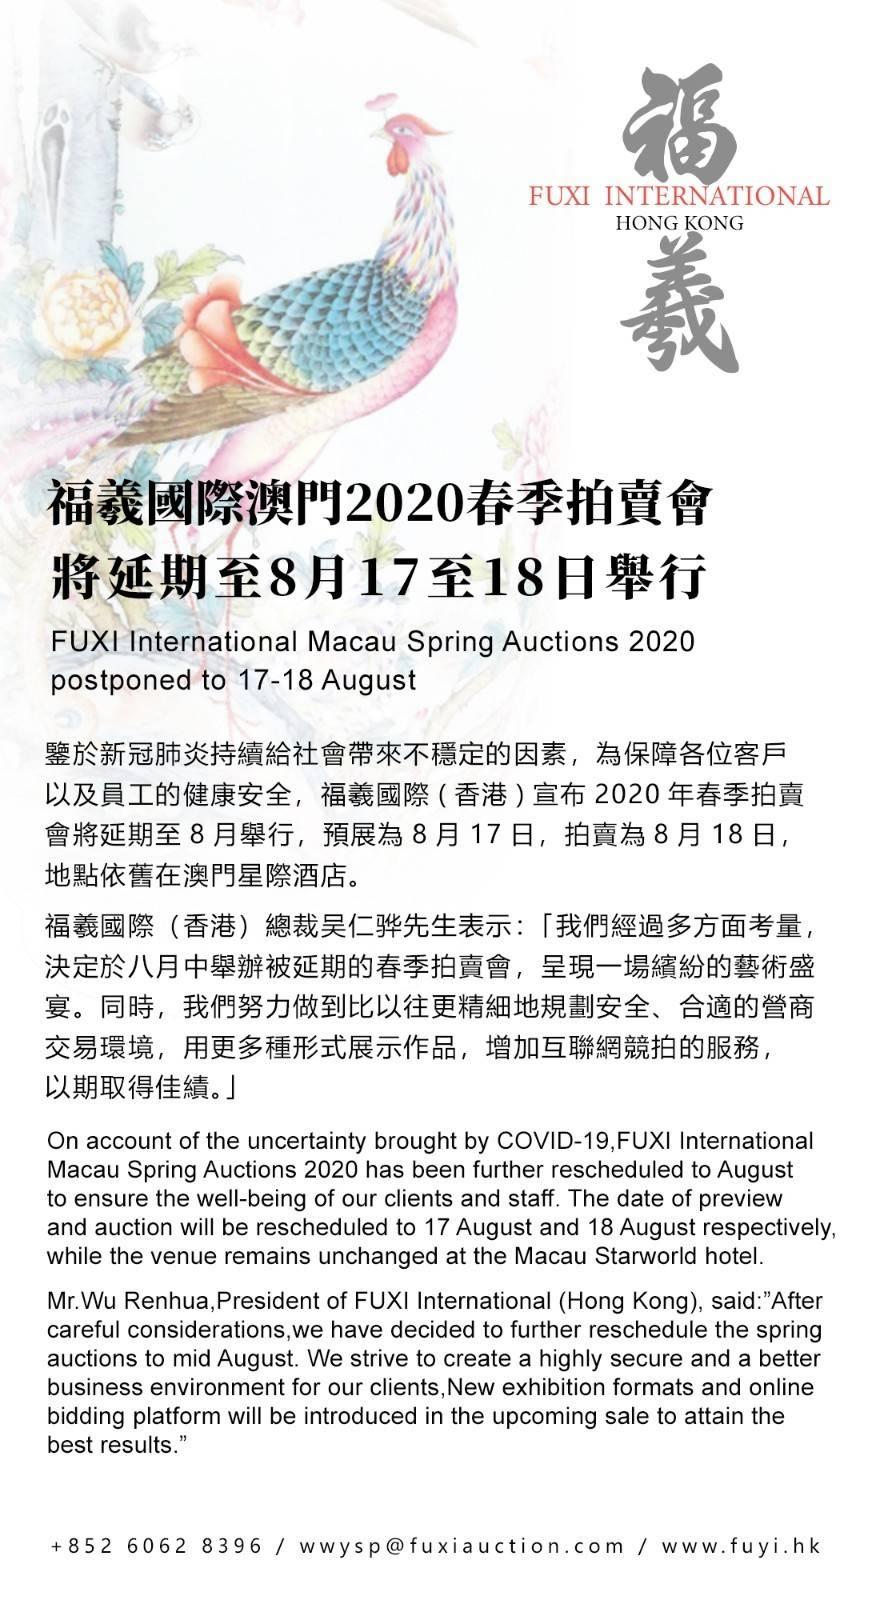 福羲国际12bet2020春拍将延期至8月18日